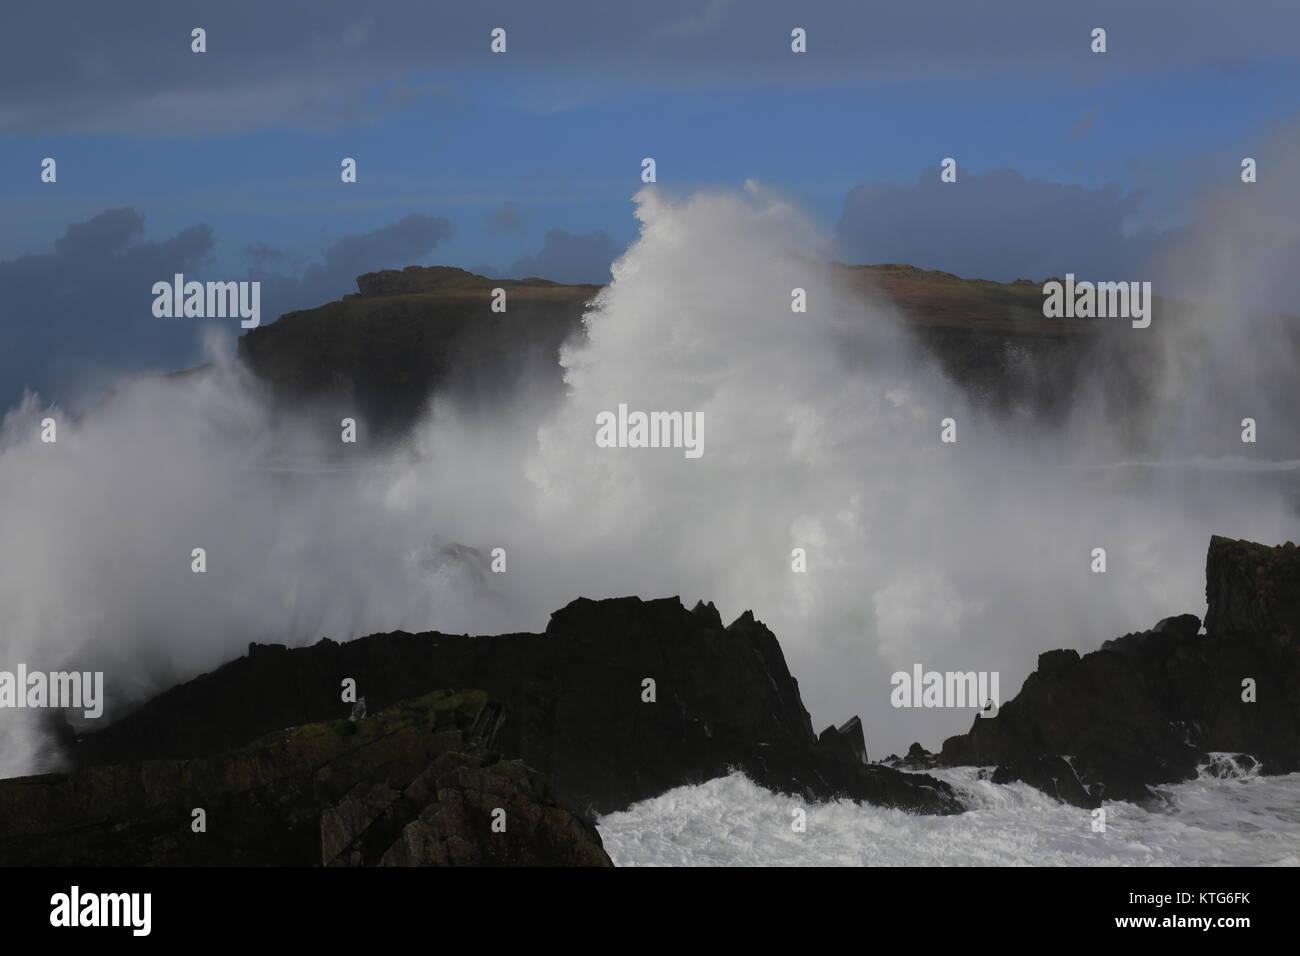 Large waves smashing against the shoreline in Ireland - Stock Image